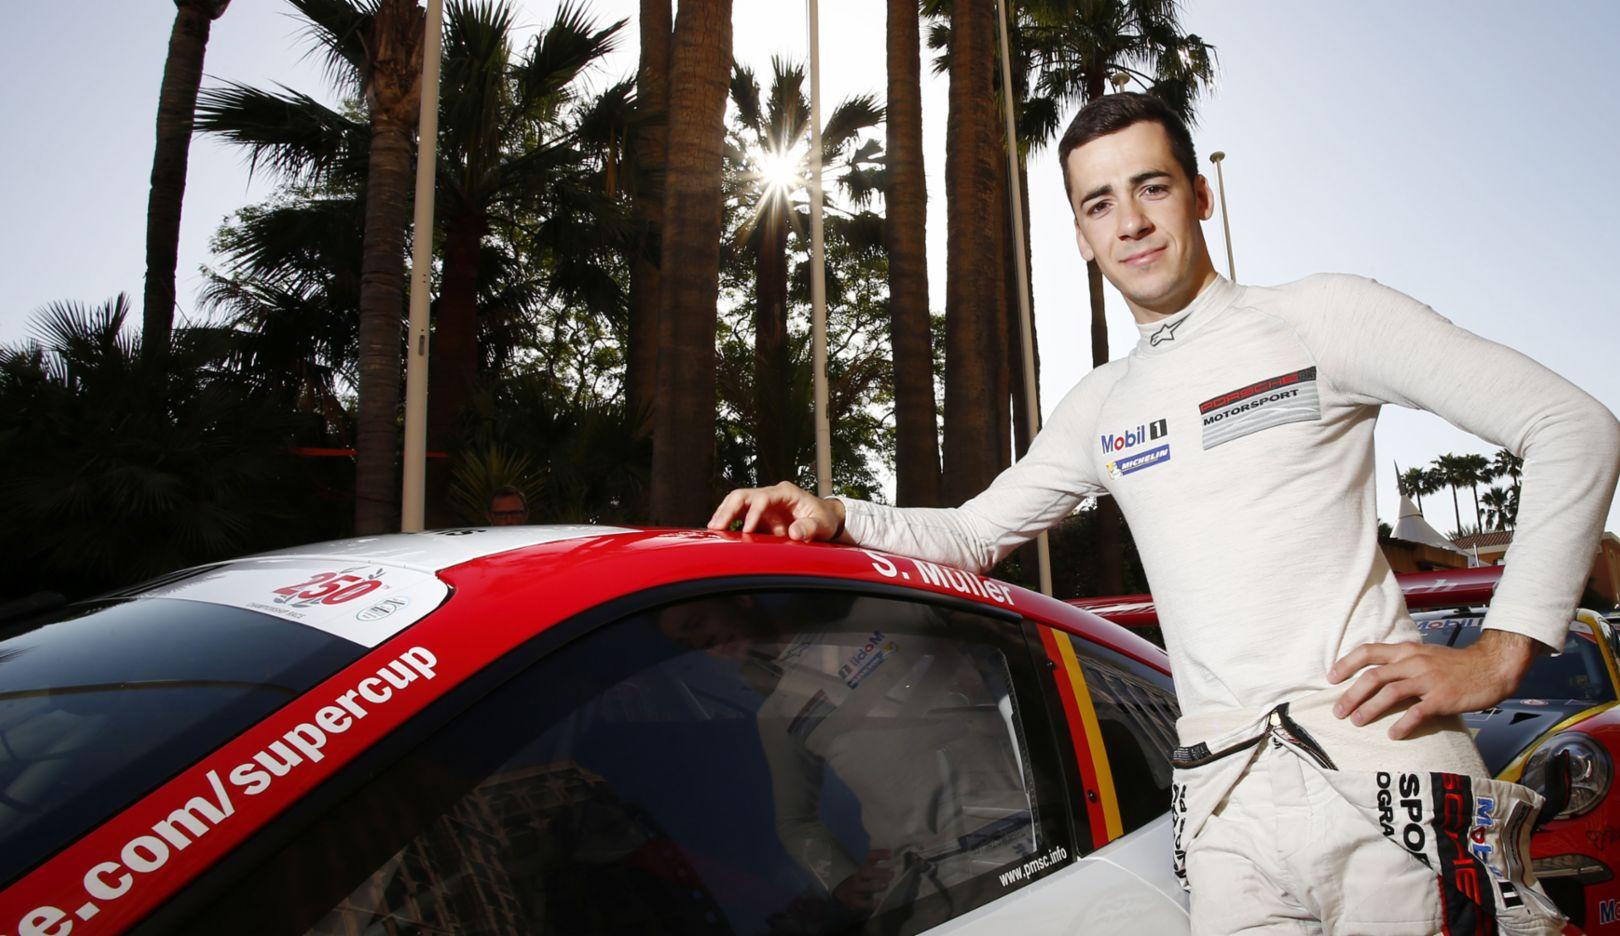 Sven Müller, doppelter Meister, Porsche Mobil 1 Supercup, Monaco, 2016, Porsche AG